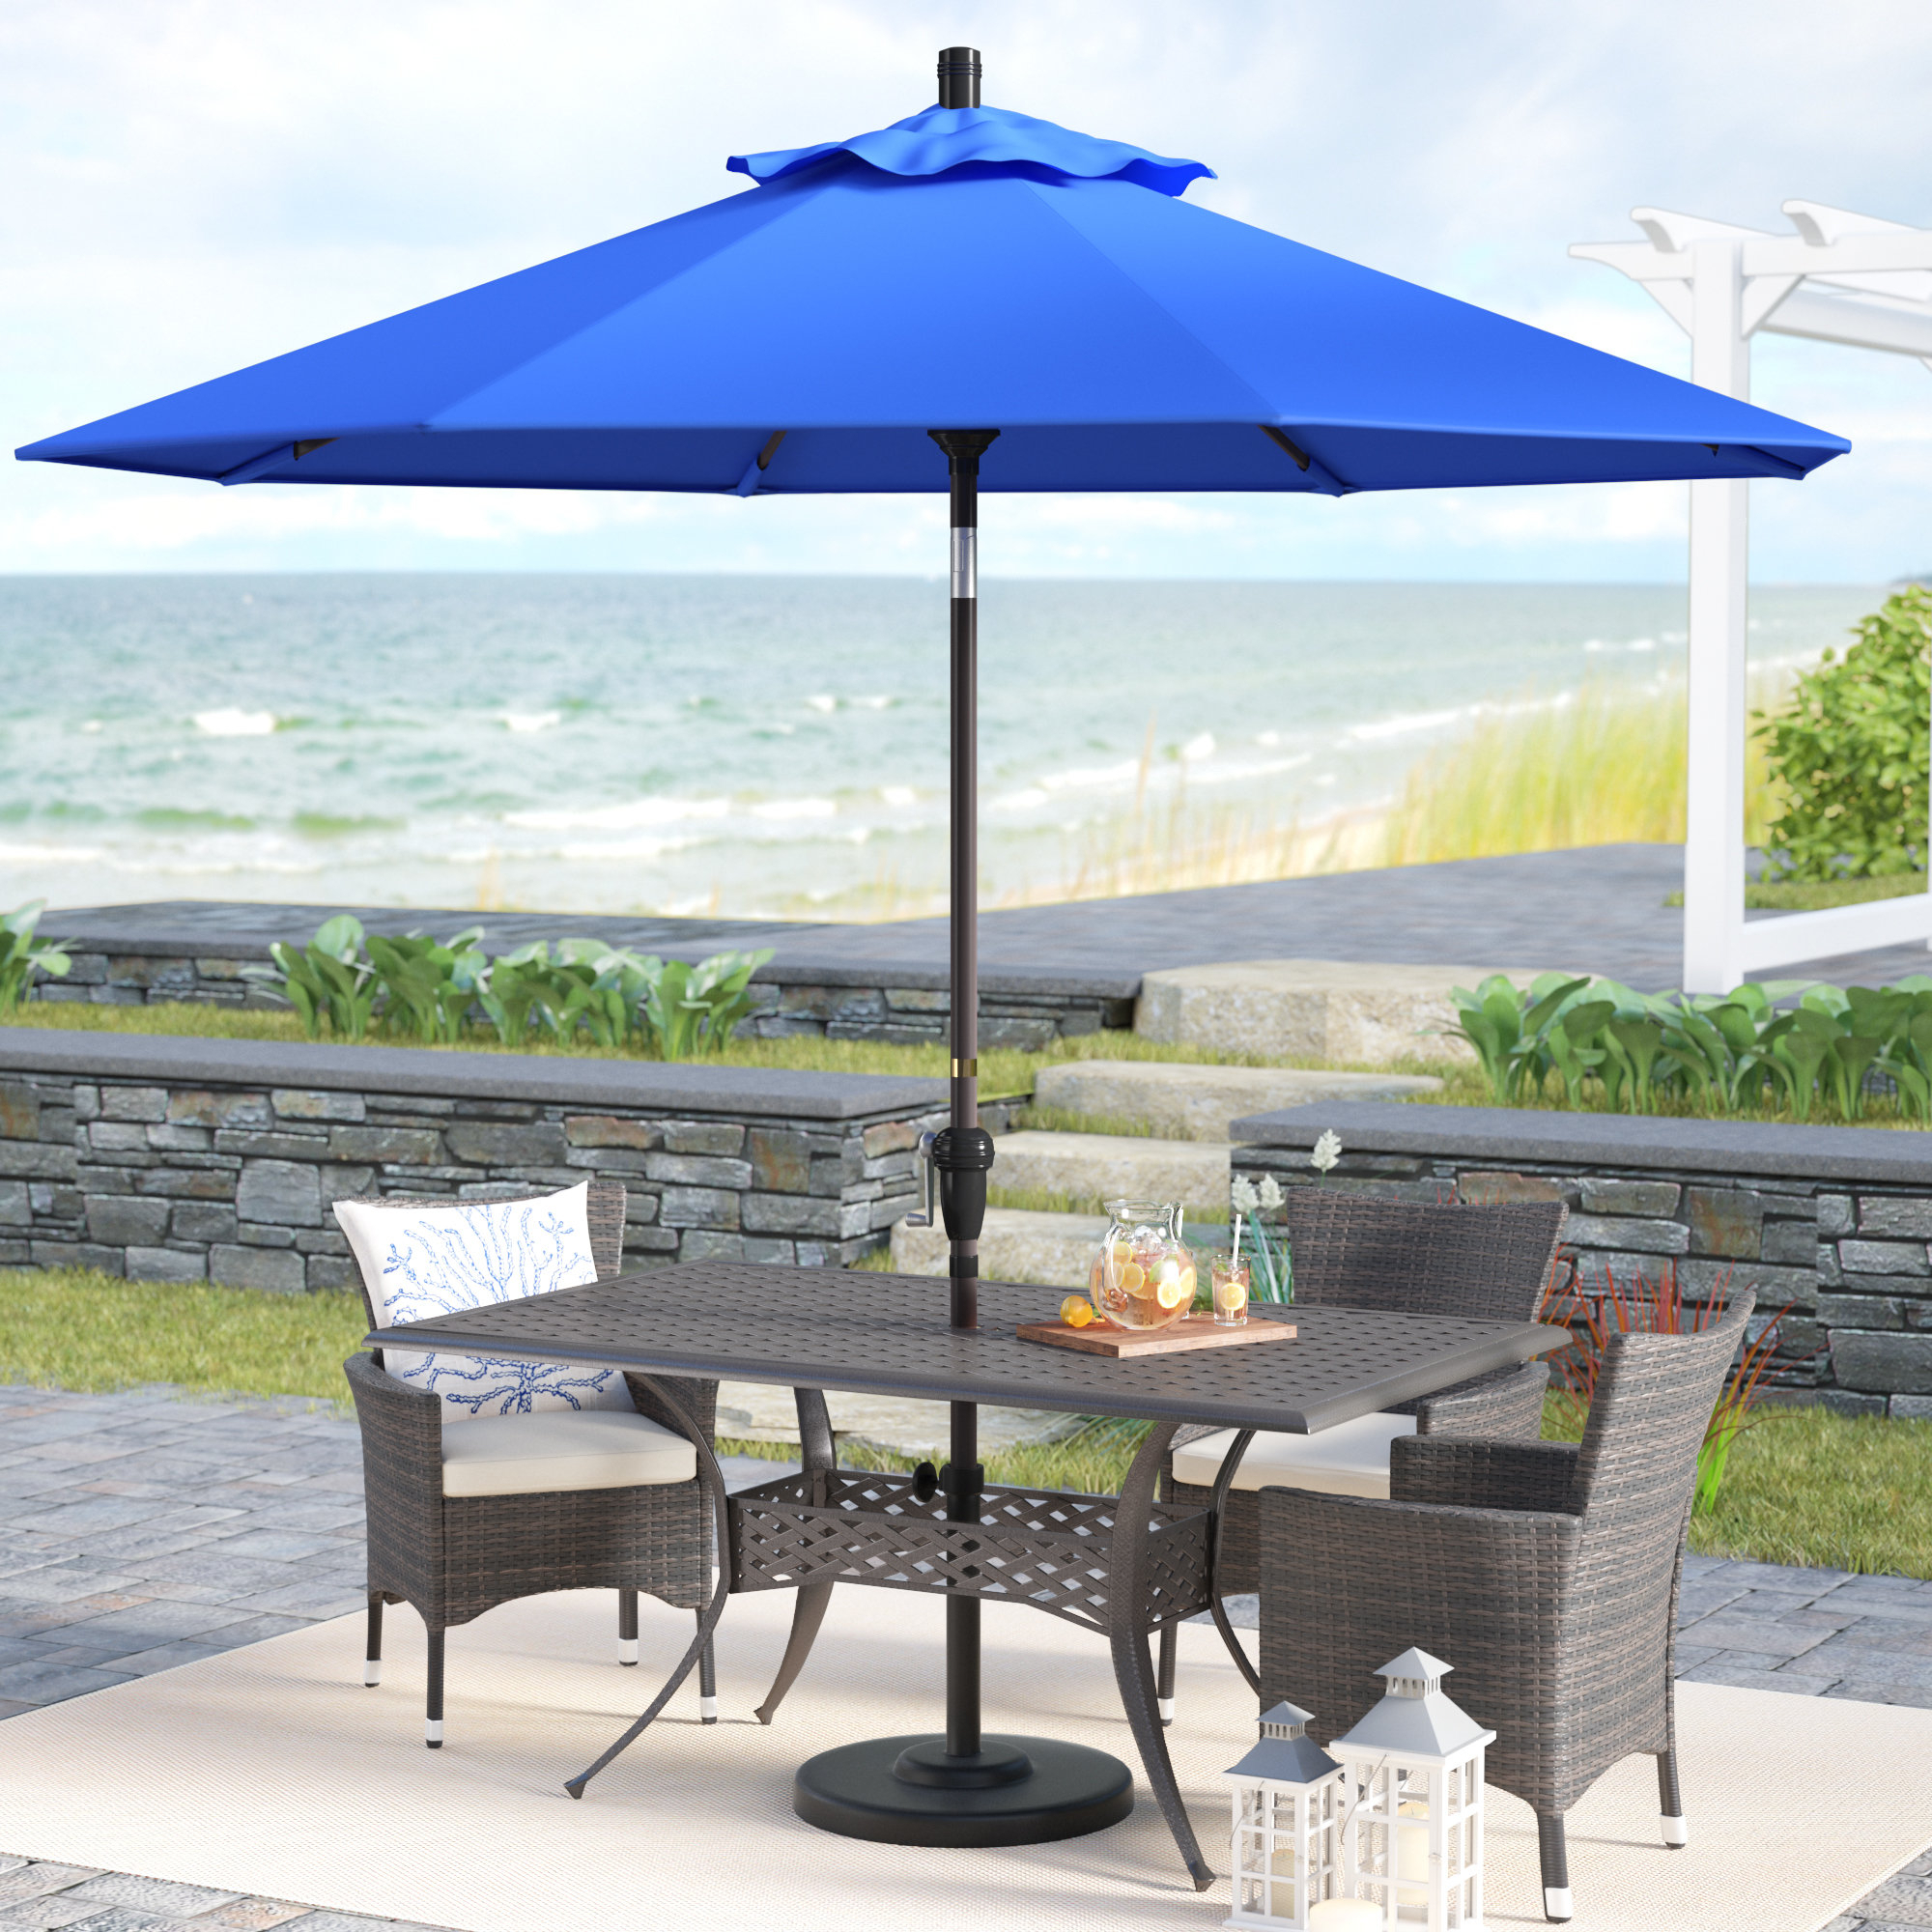 Featured Photo of Mullaney Market Sunbrella Umbrellas